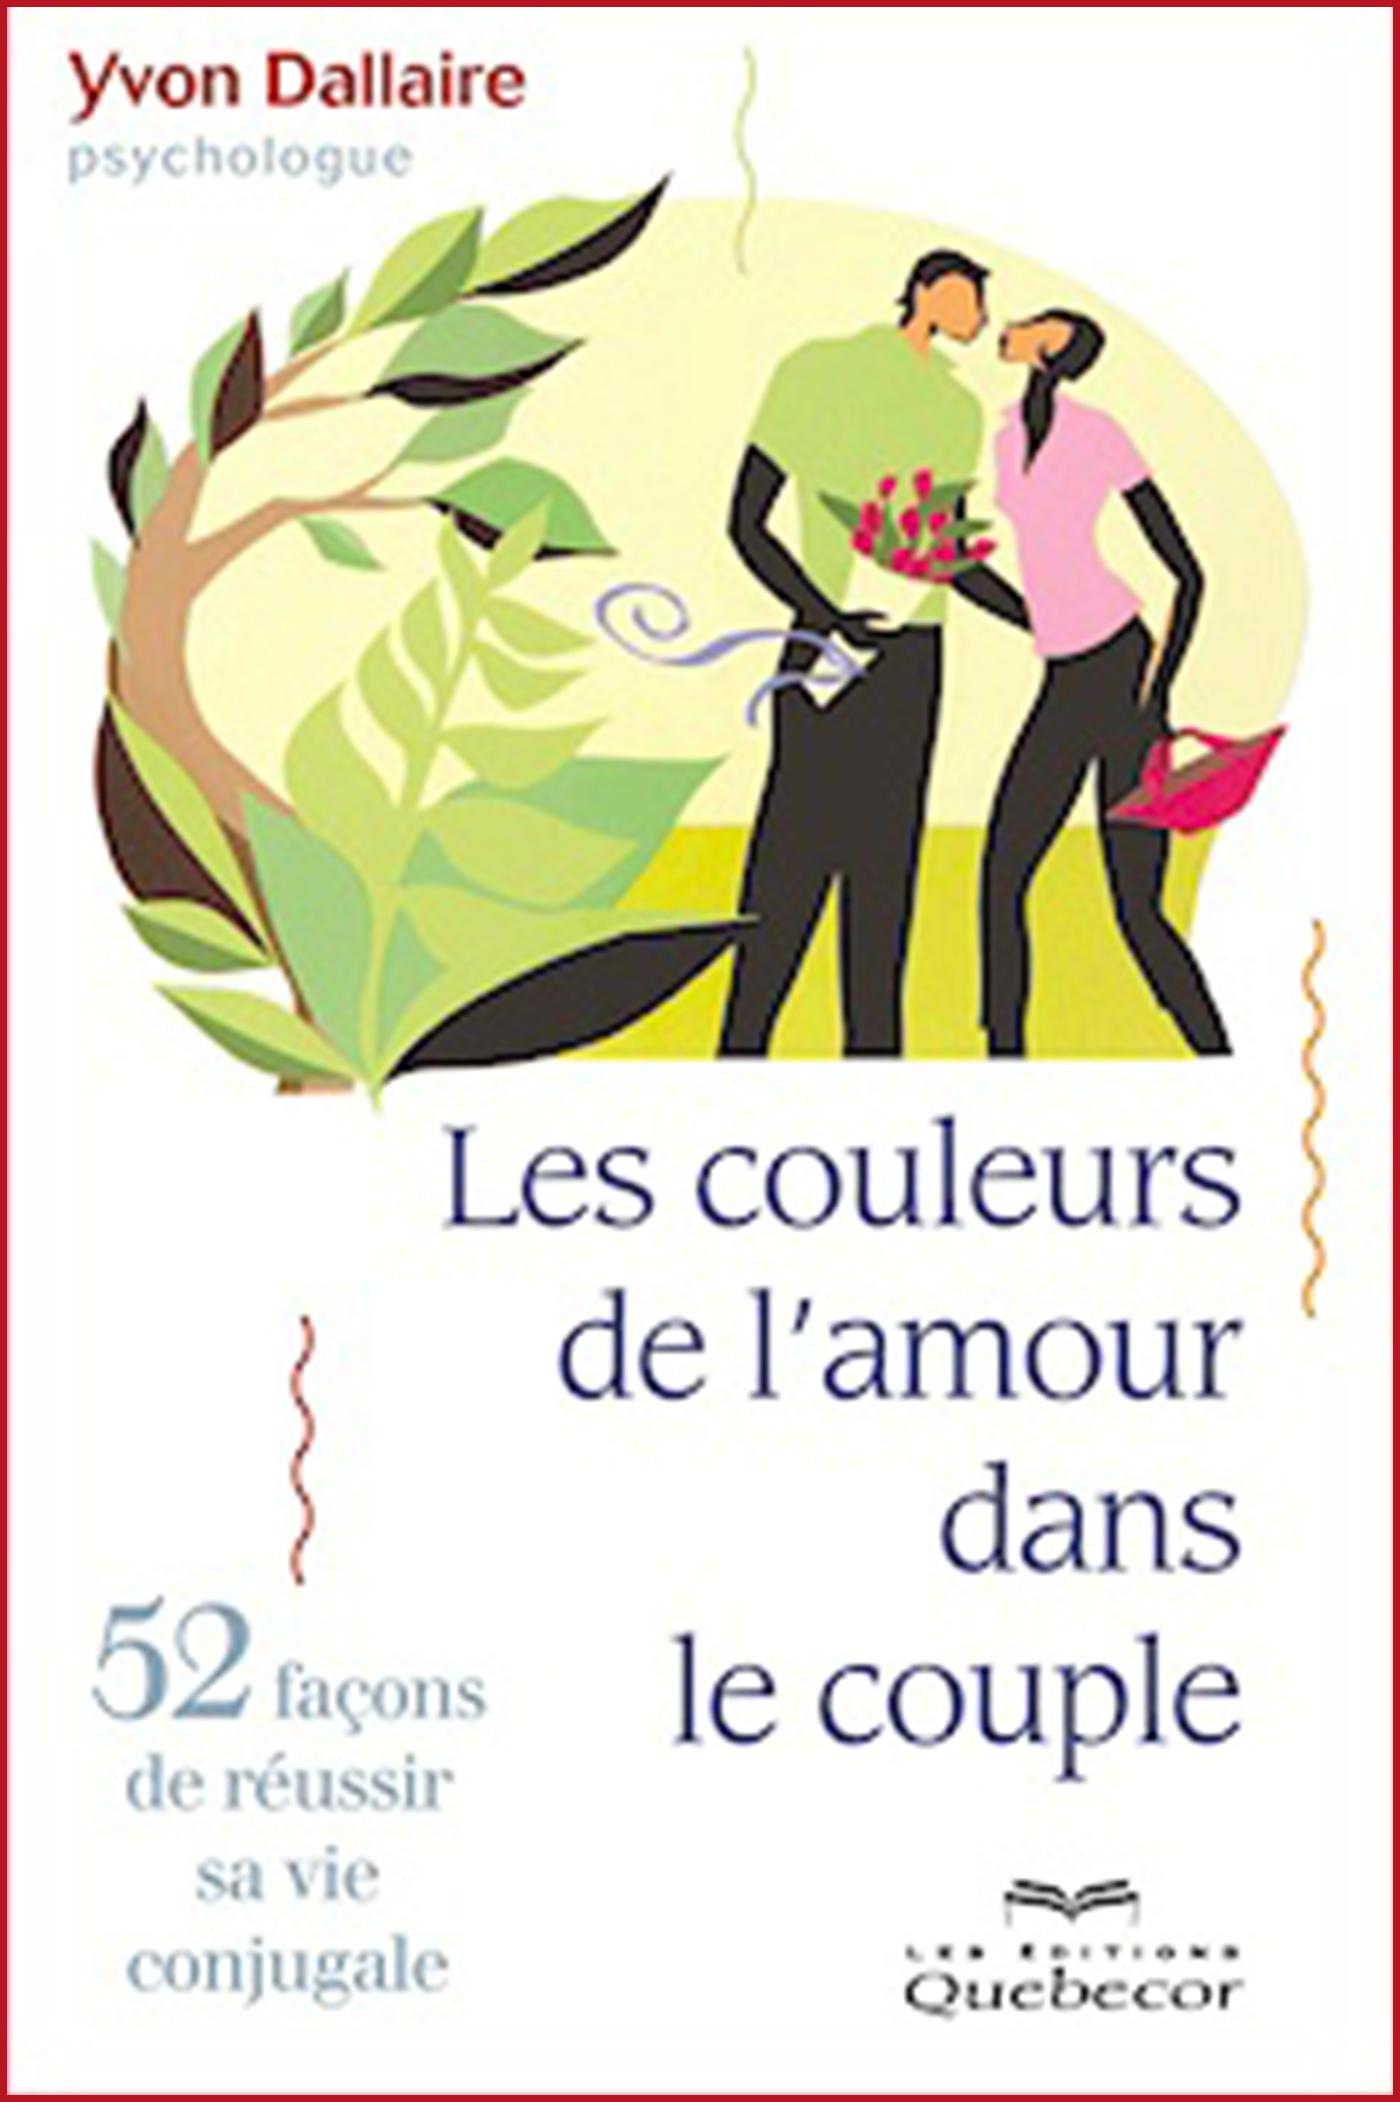 les couleurs de l amour dans le couple yvon dallaire livre en duel ou en duo valerie sentenne intello stephane lecault artiste couple